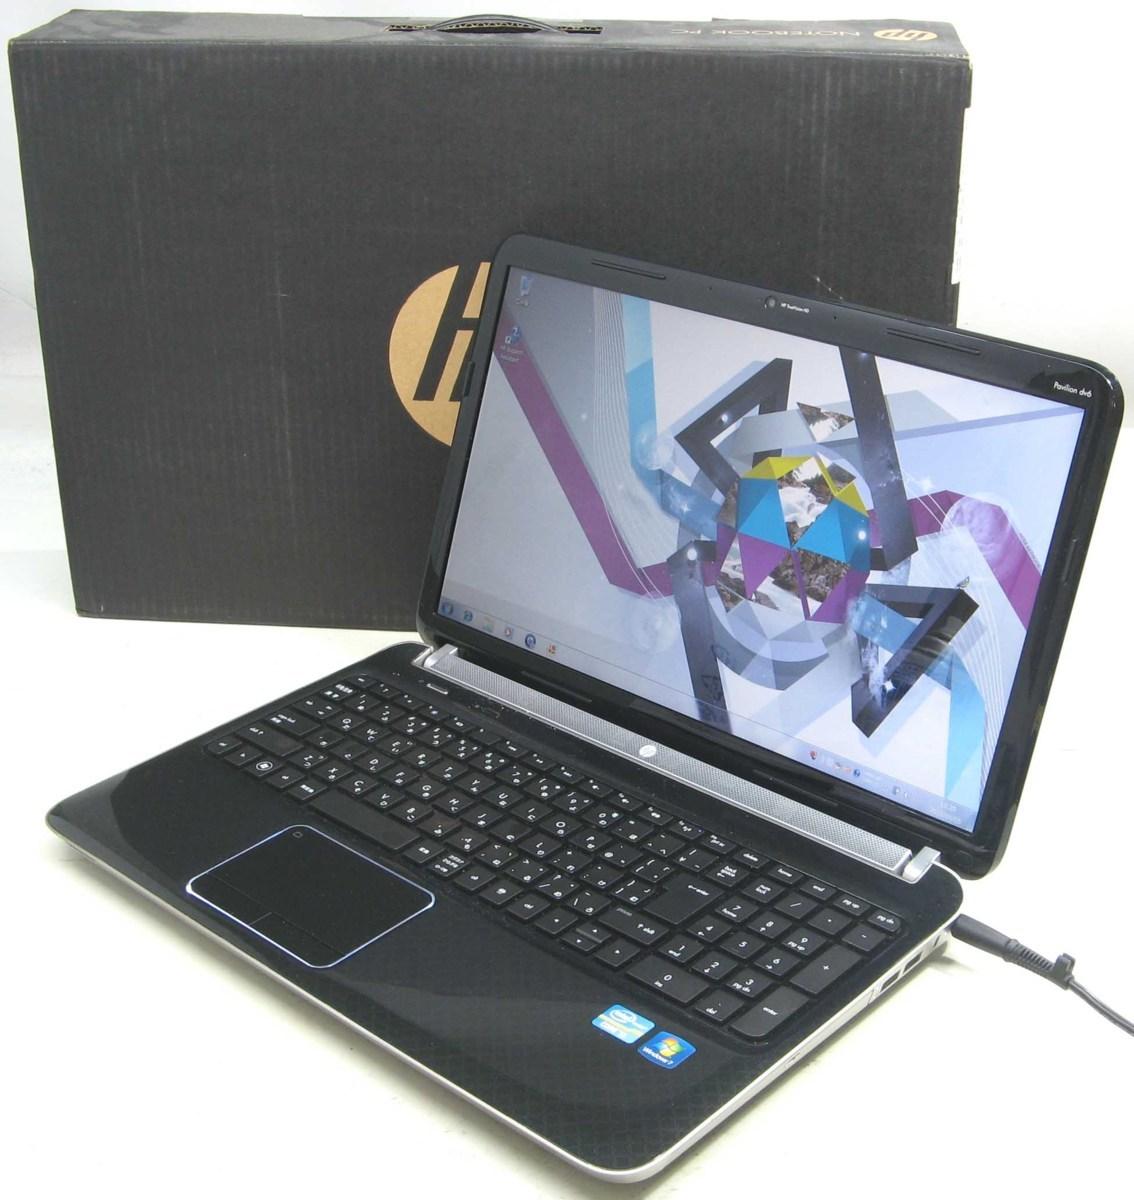 中古ノートパソコン HP Pavilion du6-6000(ヒューレット・パッカード Windows7 Corei3 HDMI出力端子 DVDスーパーマルチドライブ)【中古】【中古パソコン/中古PC】